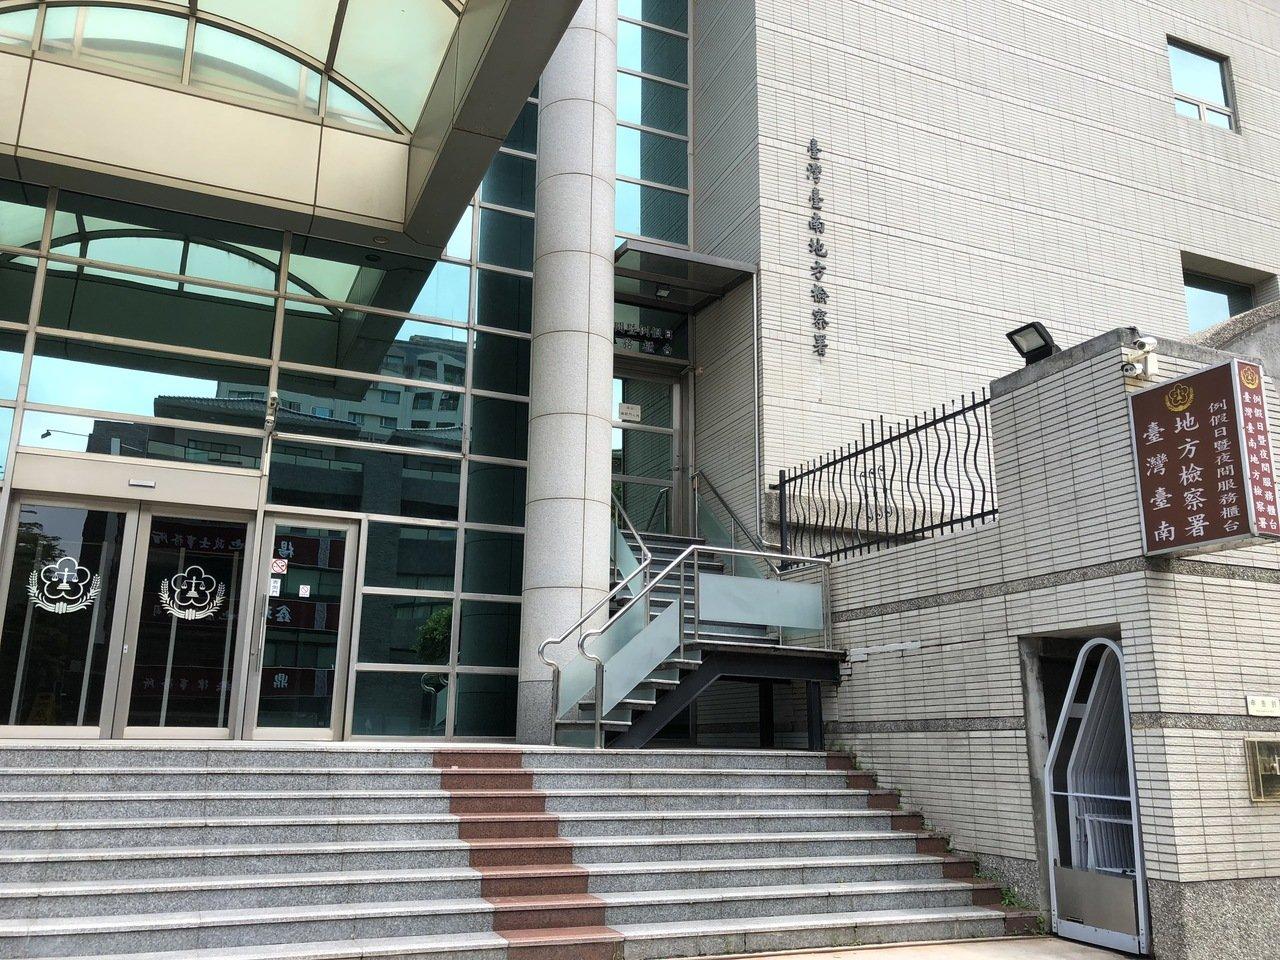 台灣人民共產黨遭控招待赴陸賄選 傳喚45人訊後請回